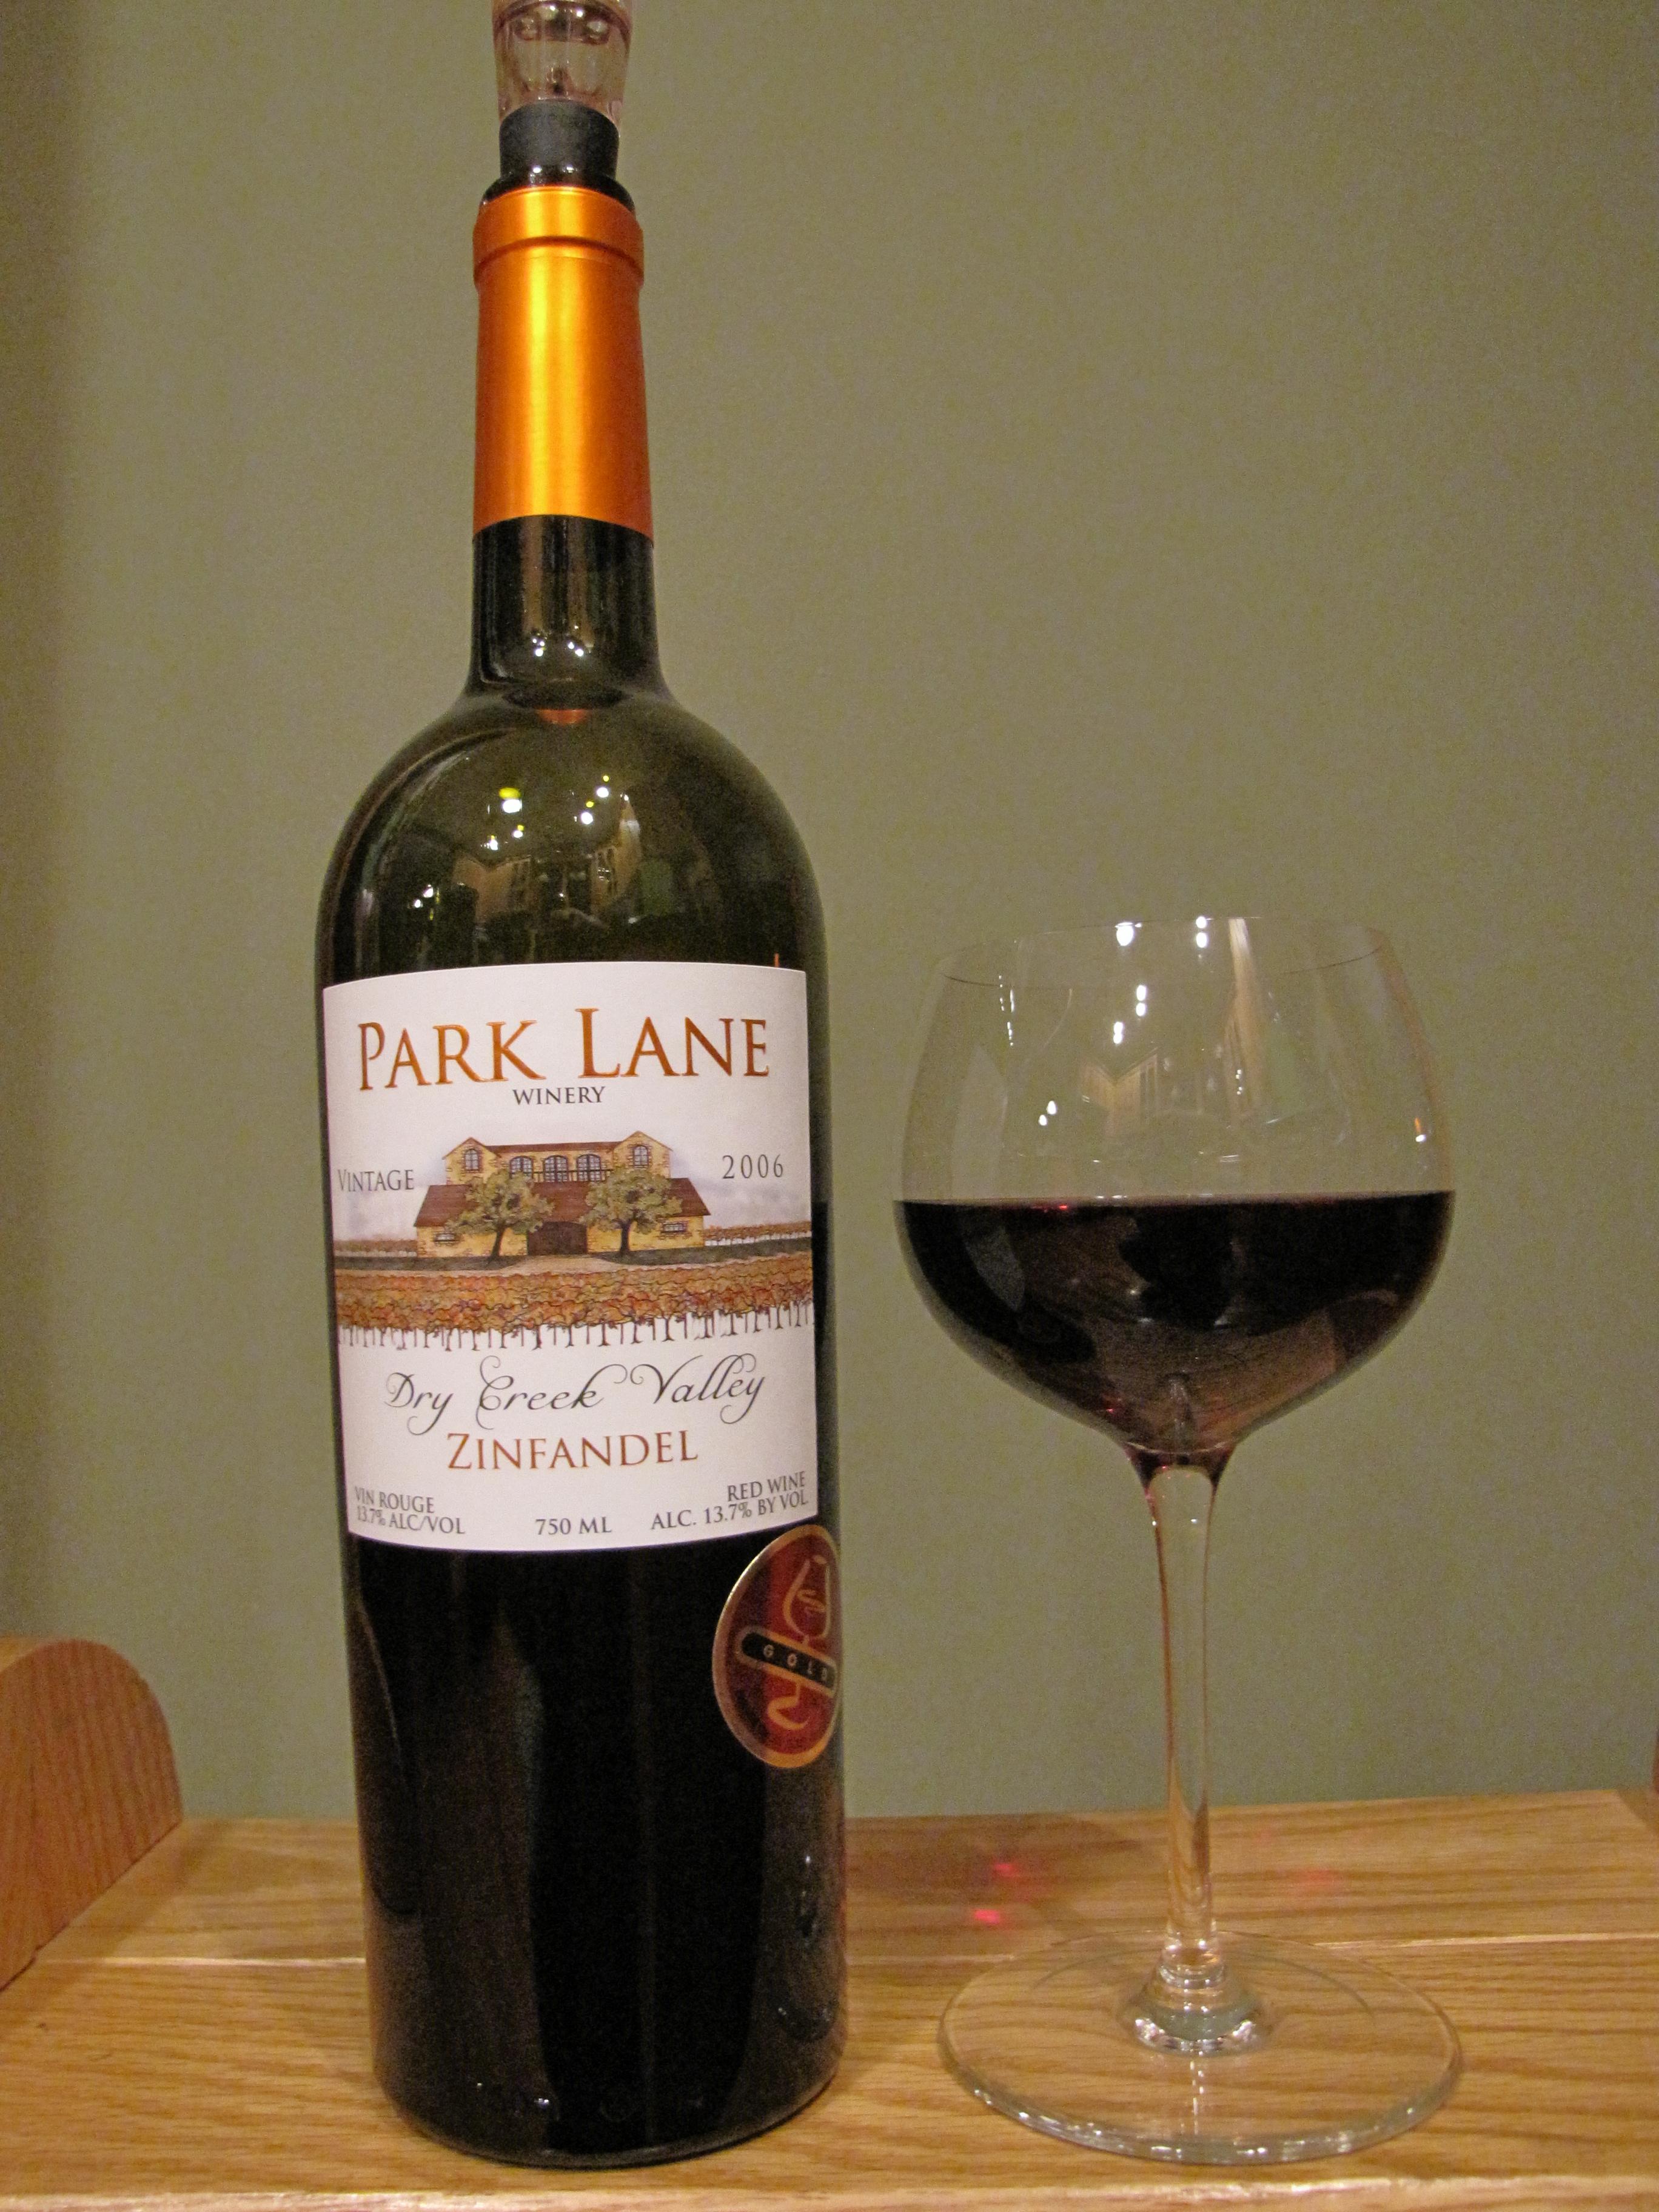 Park Lane Zinfandel (2006)